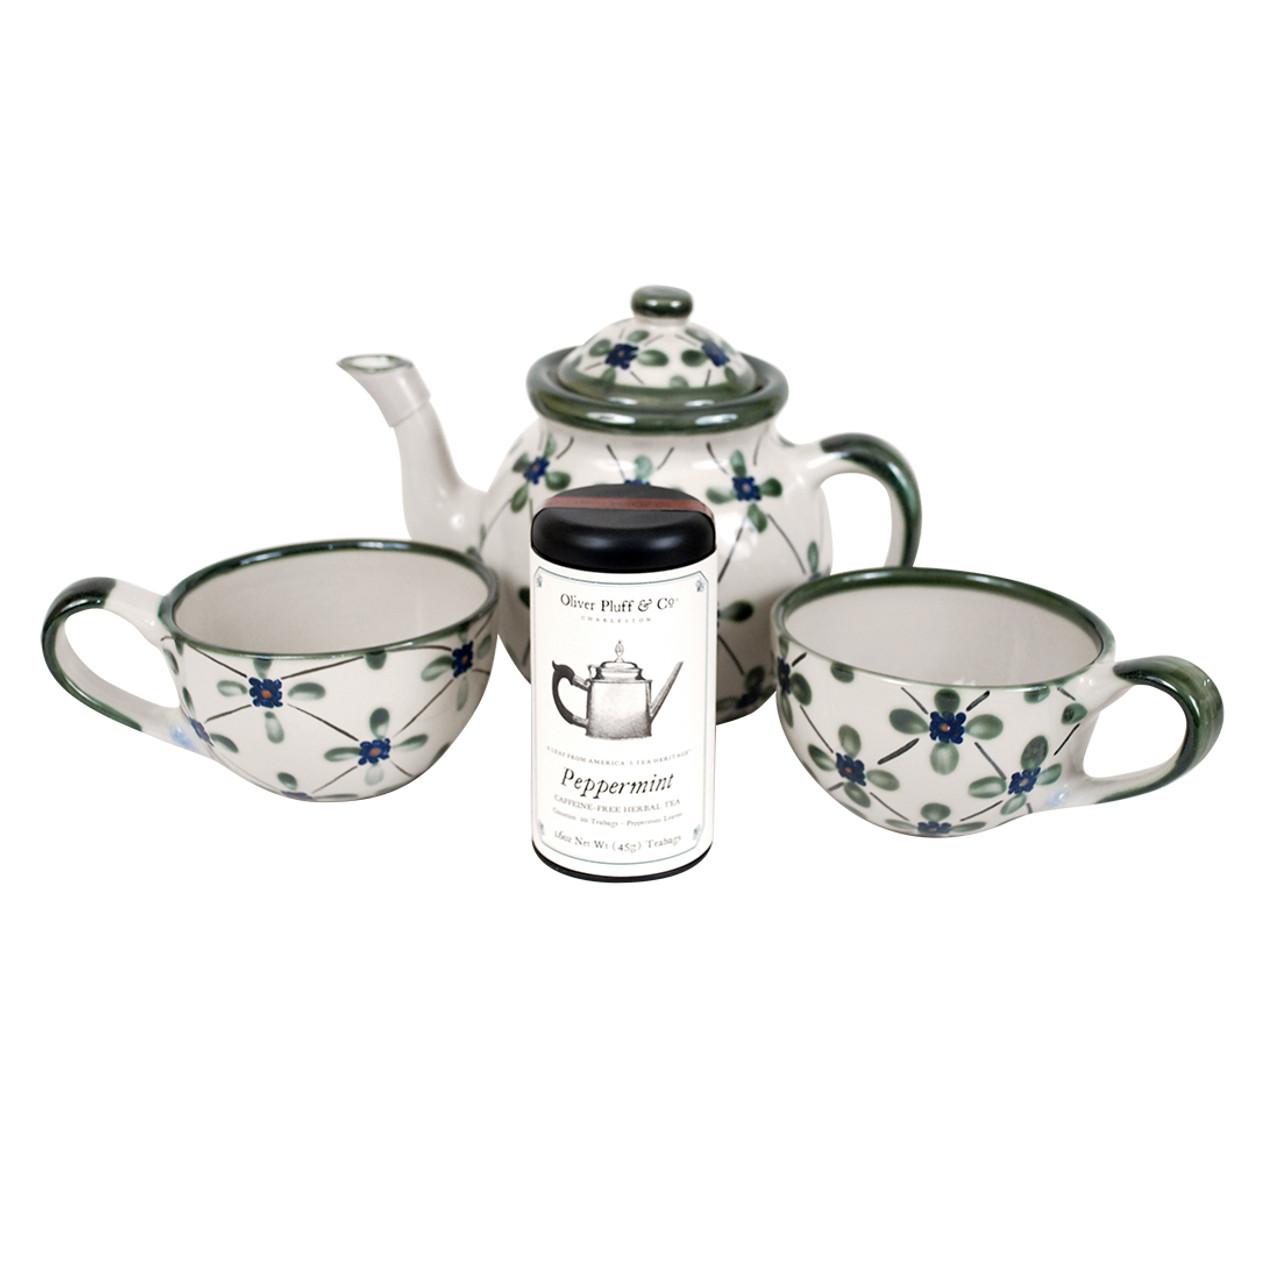 Teapot Gift Set | French Country Teapot Gift Set | Stoneware